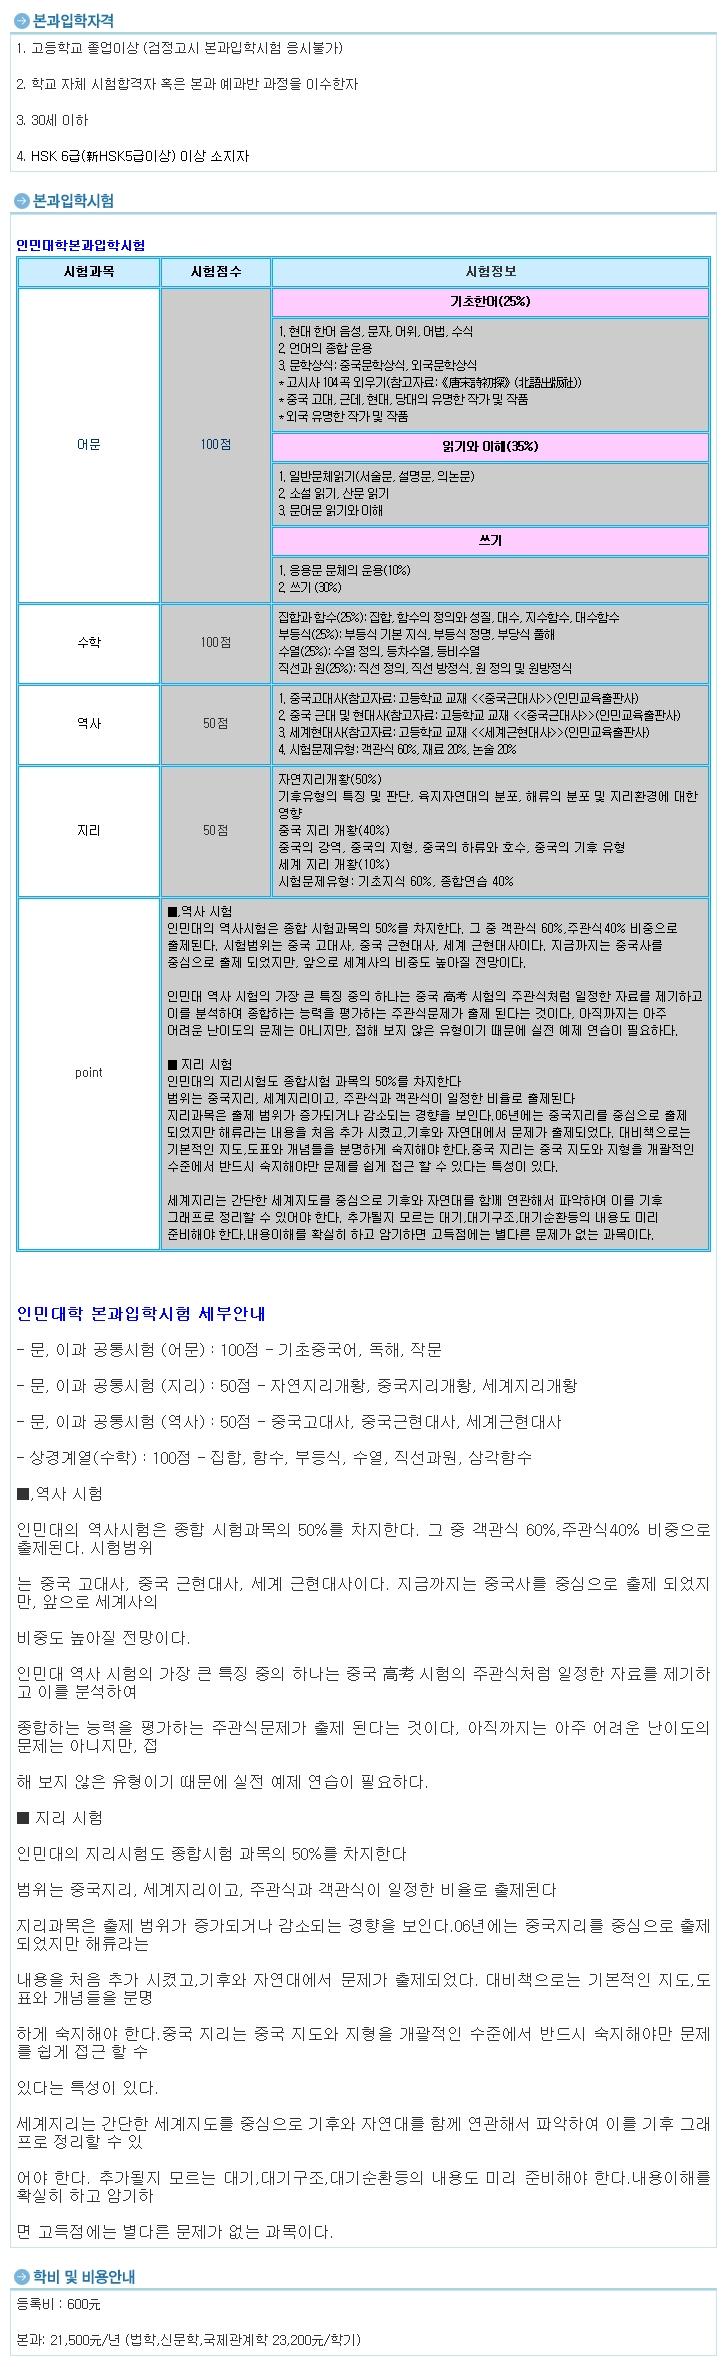 북경인민대학3.jpg